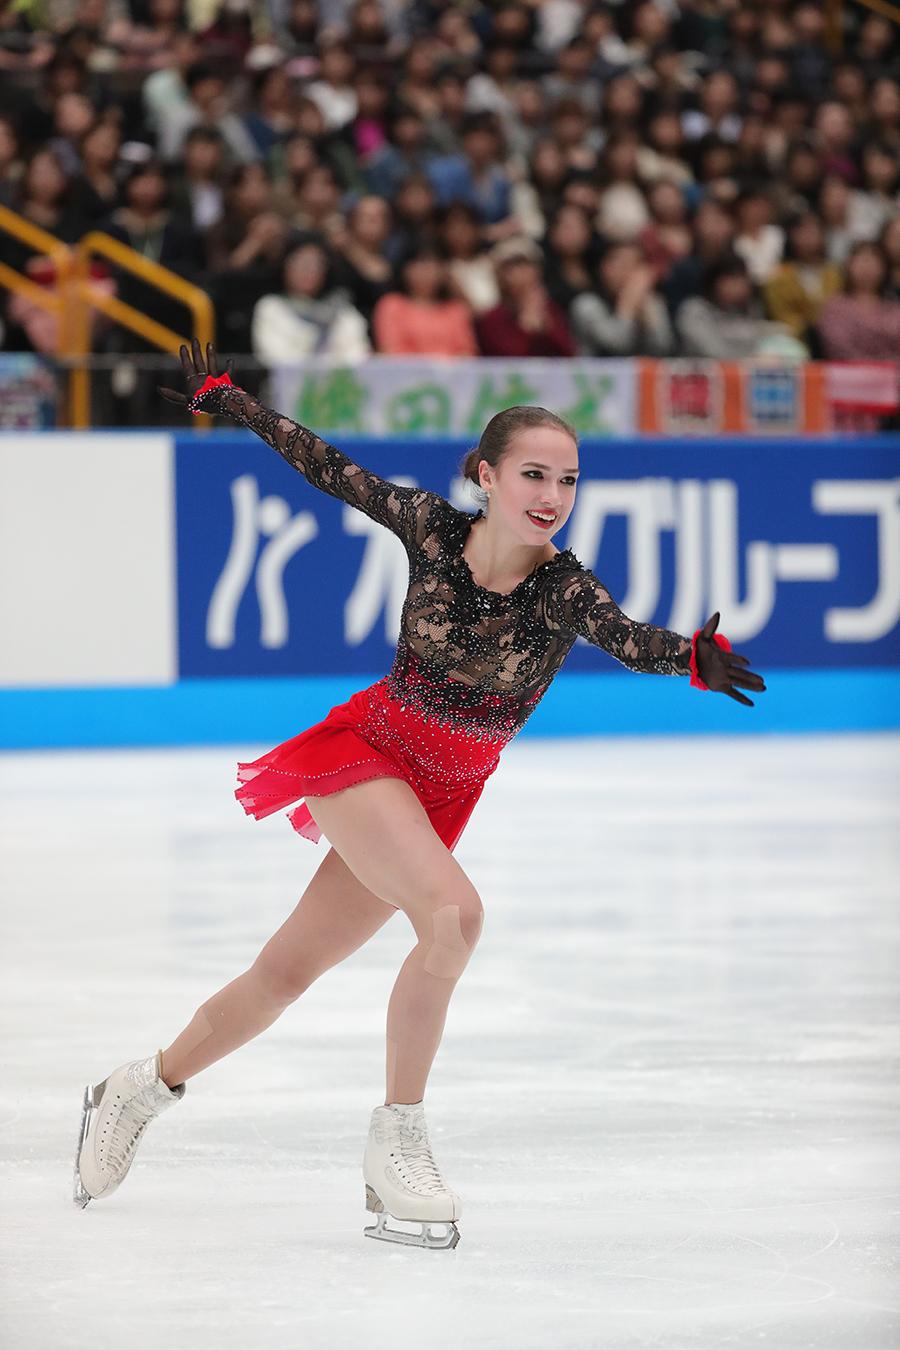 アリーナ・ザギトワ(ロシア)